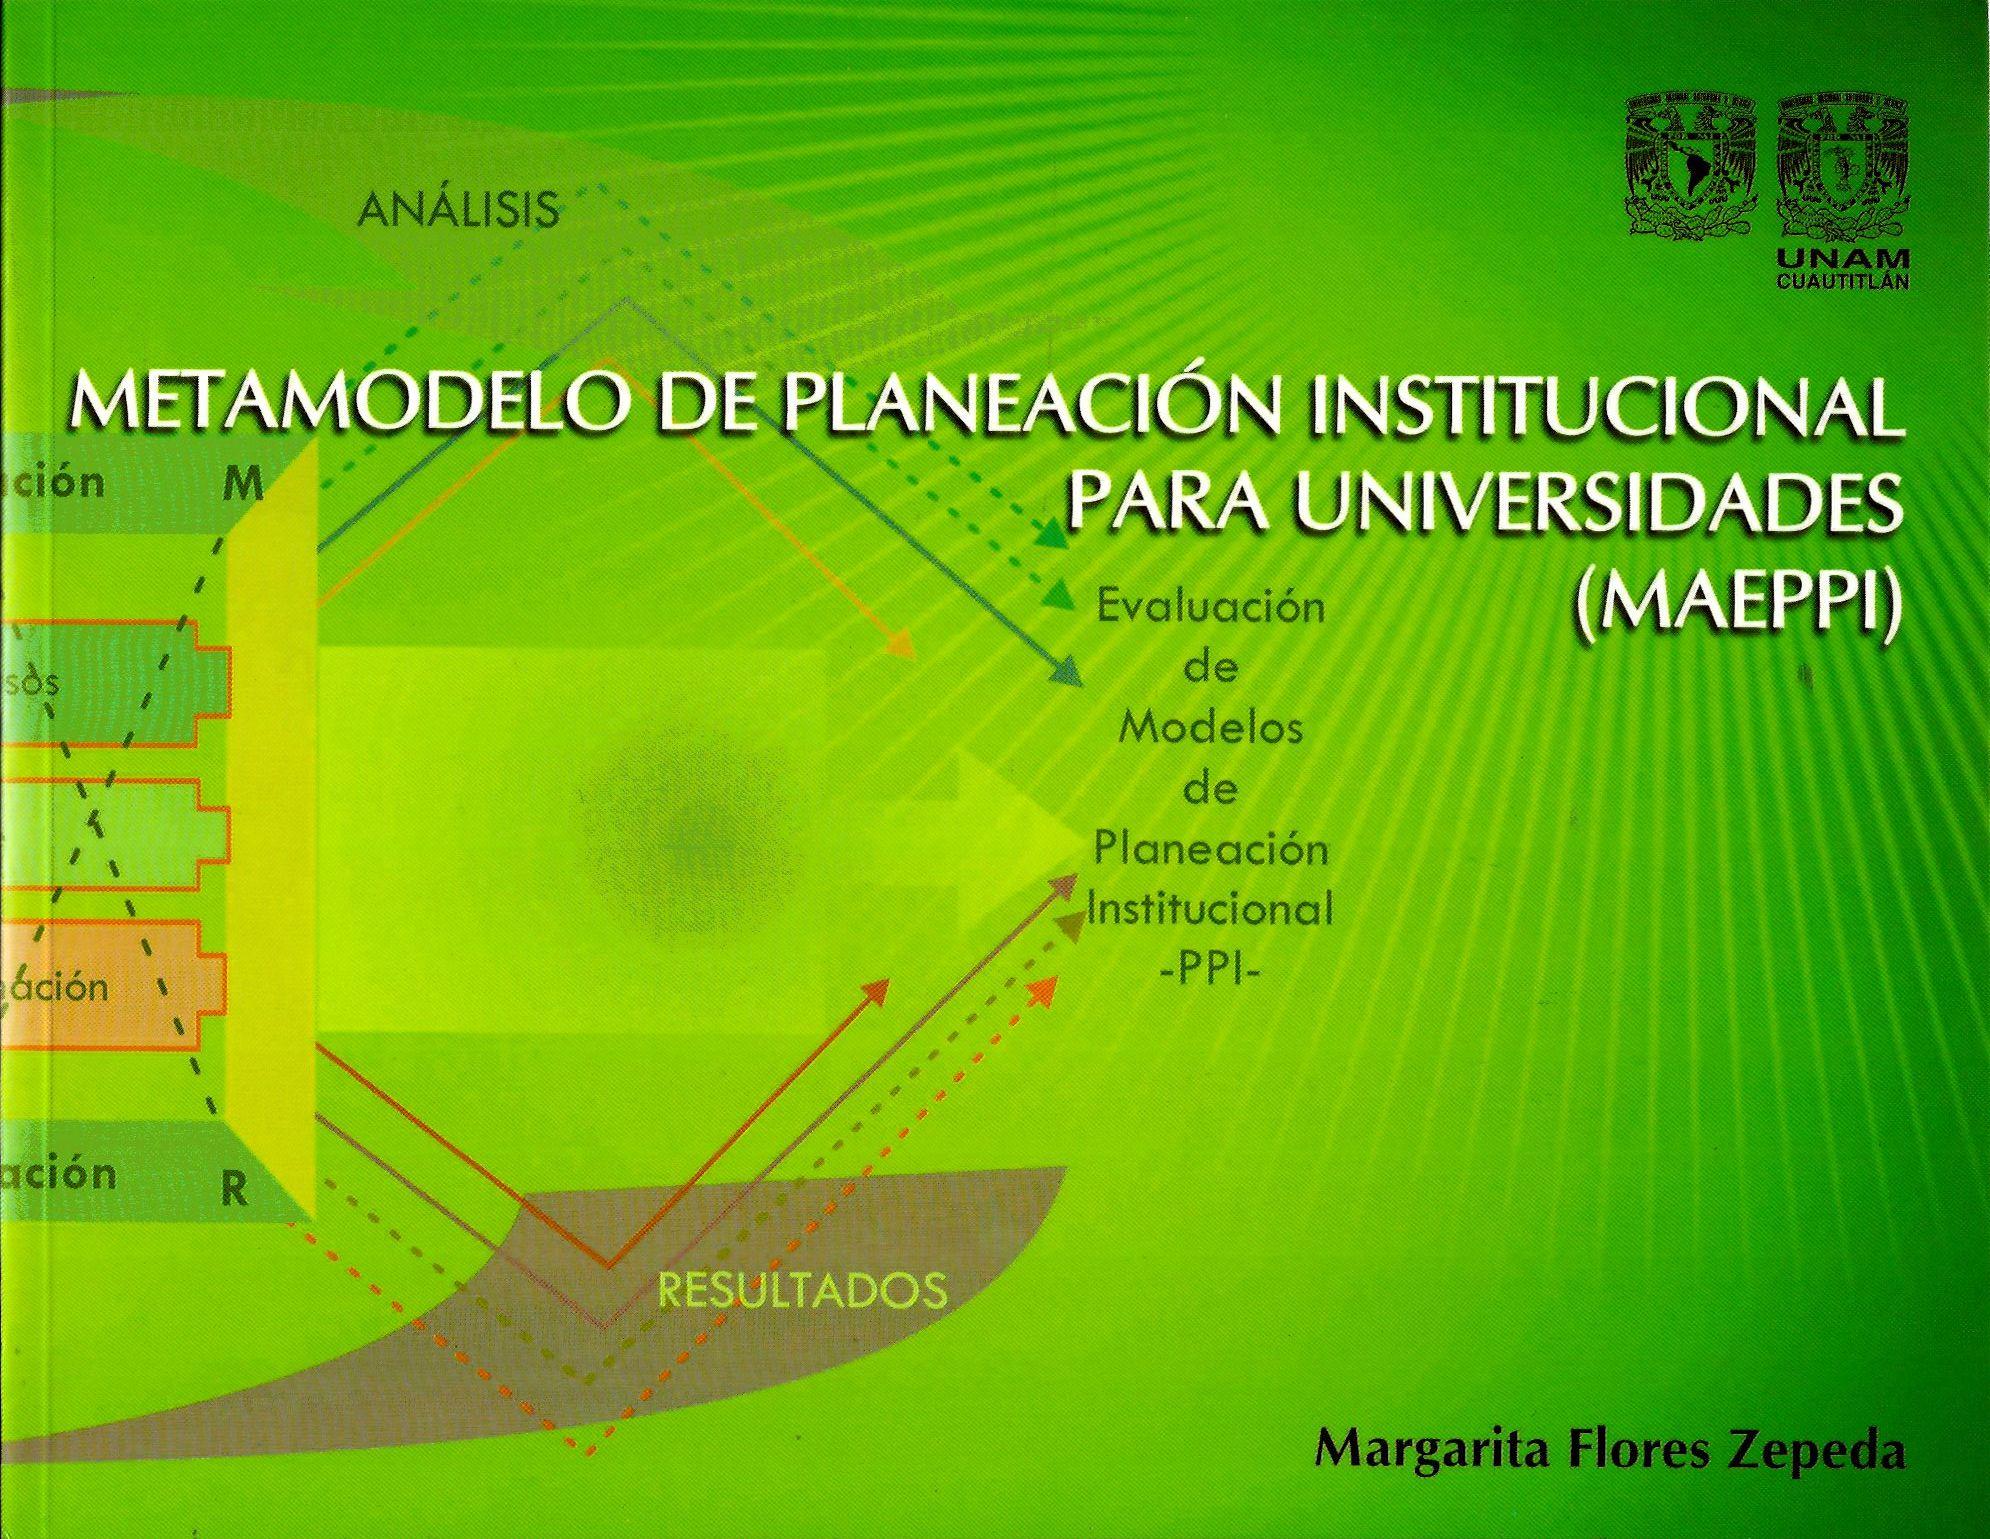 Metamodelo de planeación institucional para universidades (MEPPI)